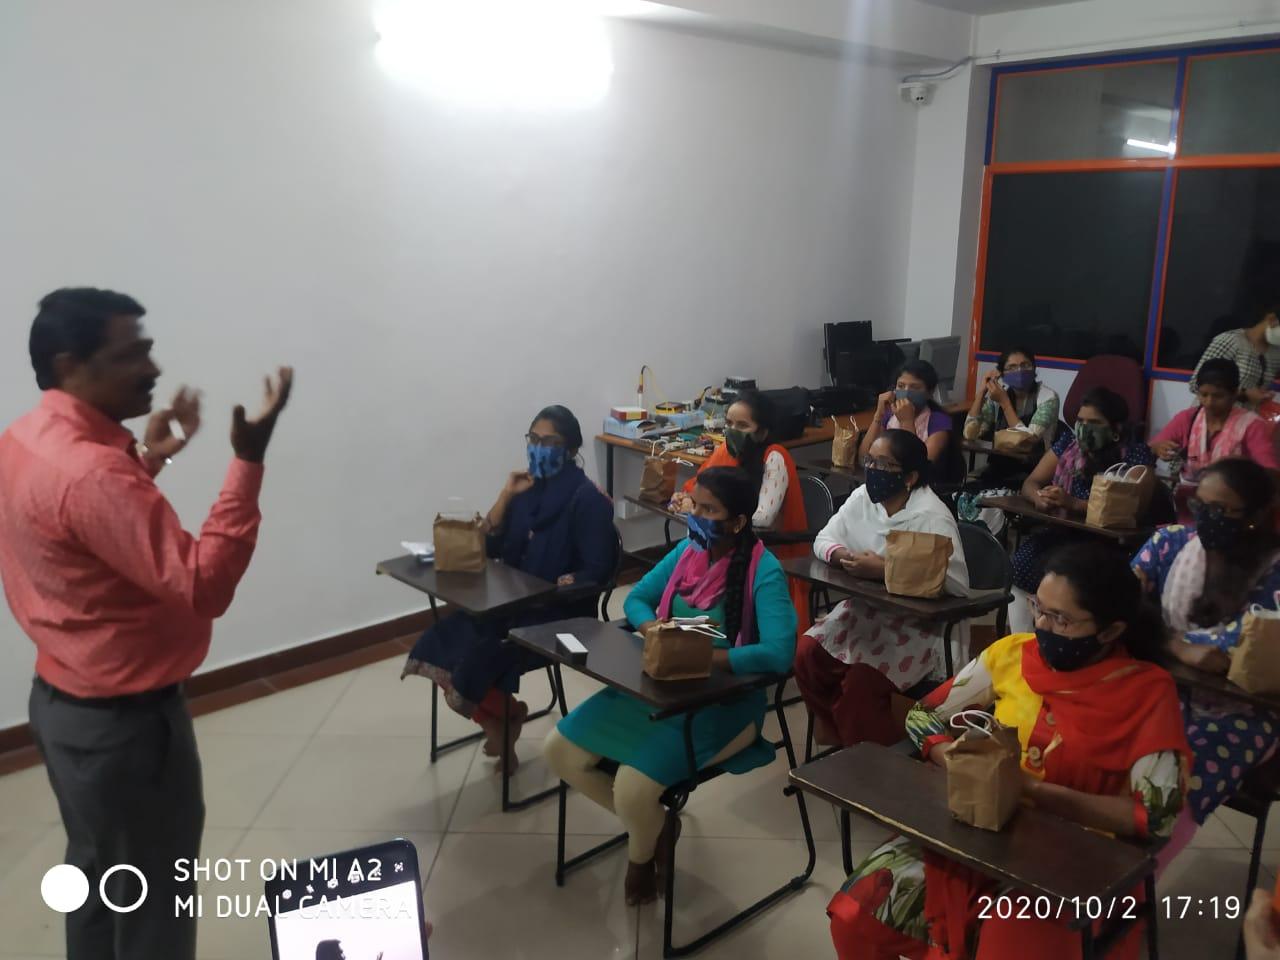 /media/Abalashrama/1NGO-00058-Abalashrama-Activities-Computer_Hardware_Training.jpeg